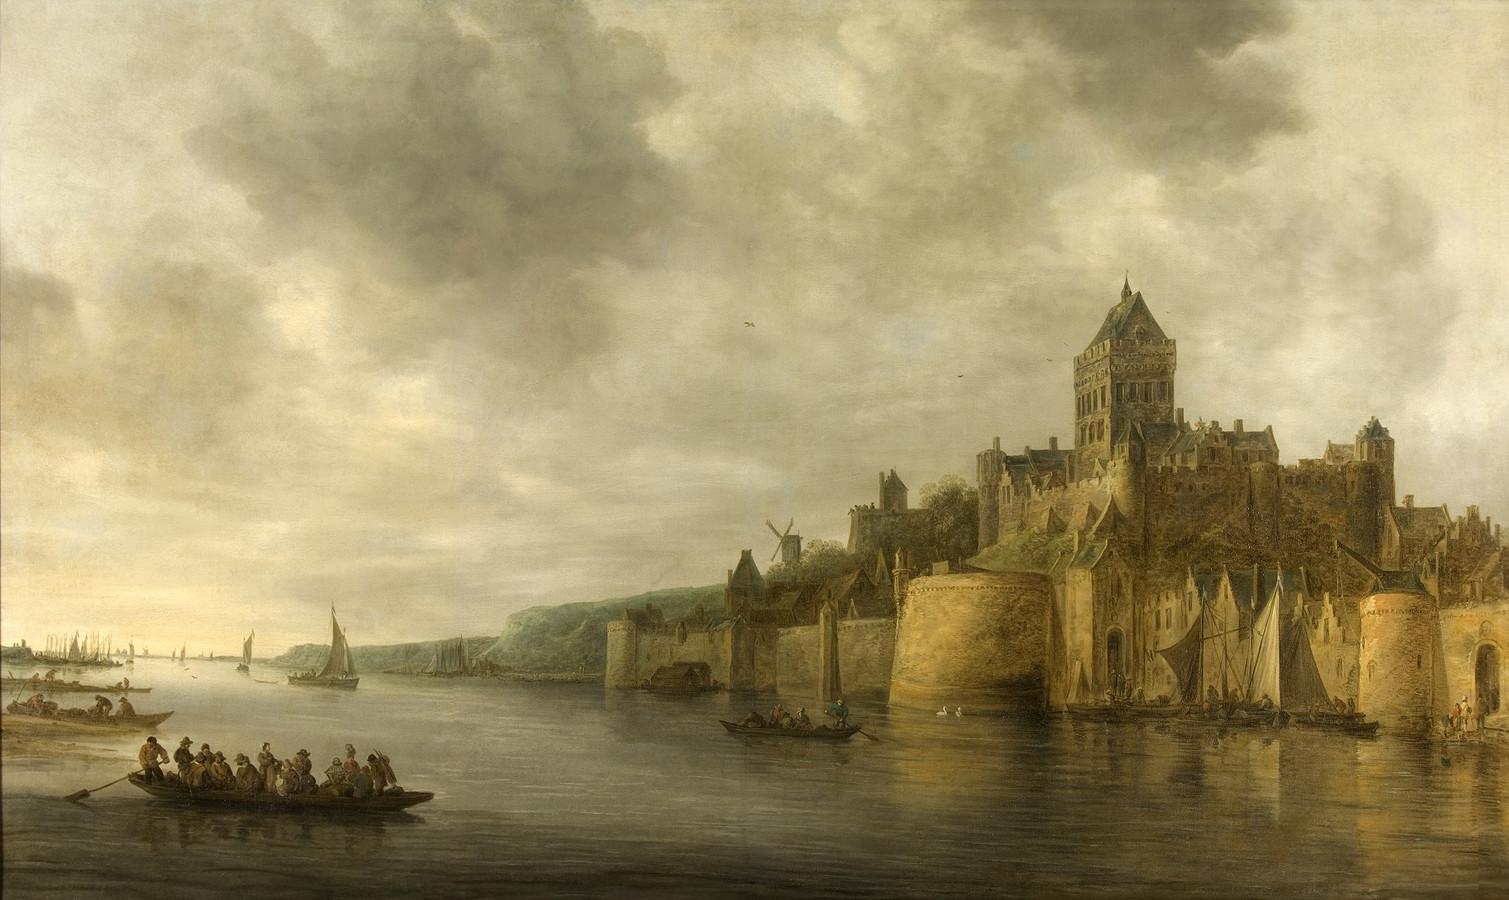 Het schilderij 'Gezicht op Nijmegen' van Jan van Goyen, met aan de voet van de Valkhofburcht de bastei: de hoefijzervormige verdedigingstoren. Naar ontwerp van de beroemde kunstenaar Albrecht Dürer die vijfhonderd jaar geleden, op 18 november 1520, overnachtte in Nijmegen.